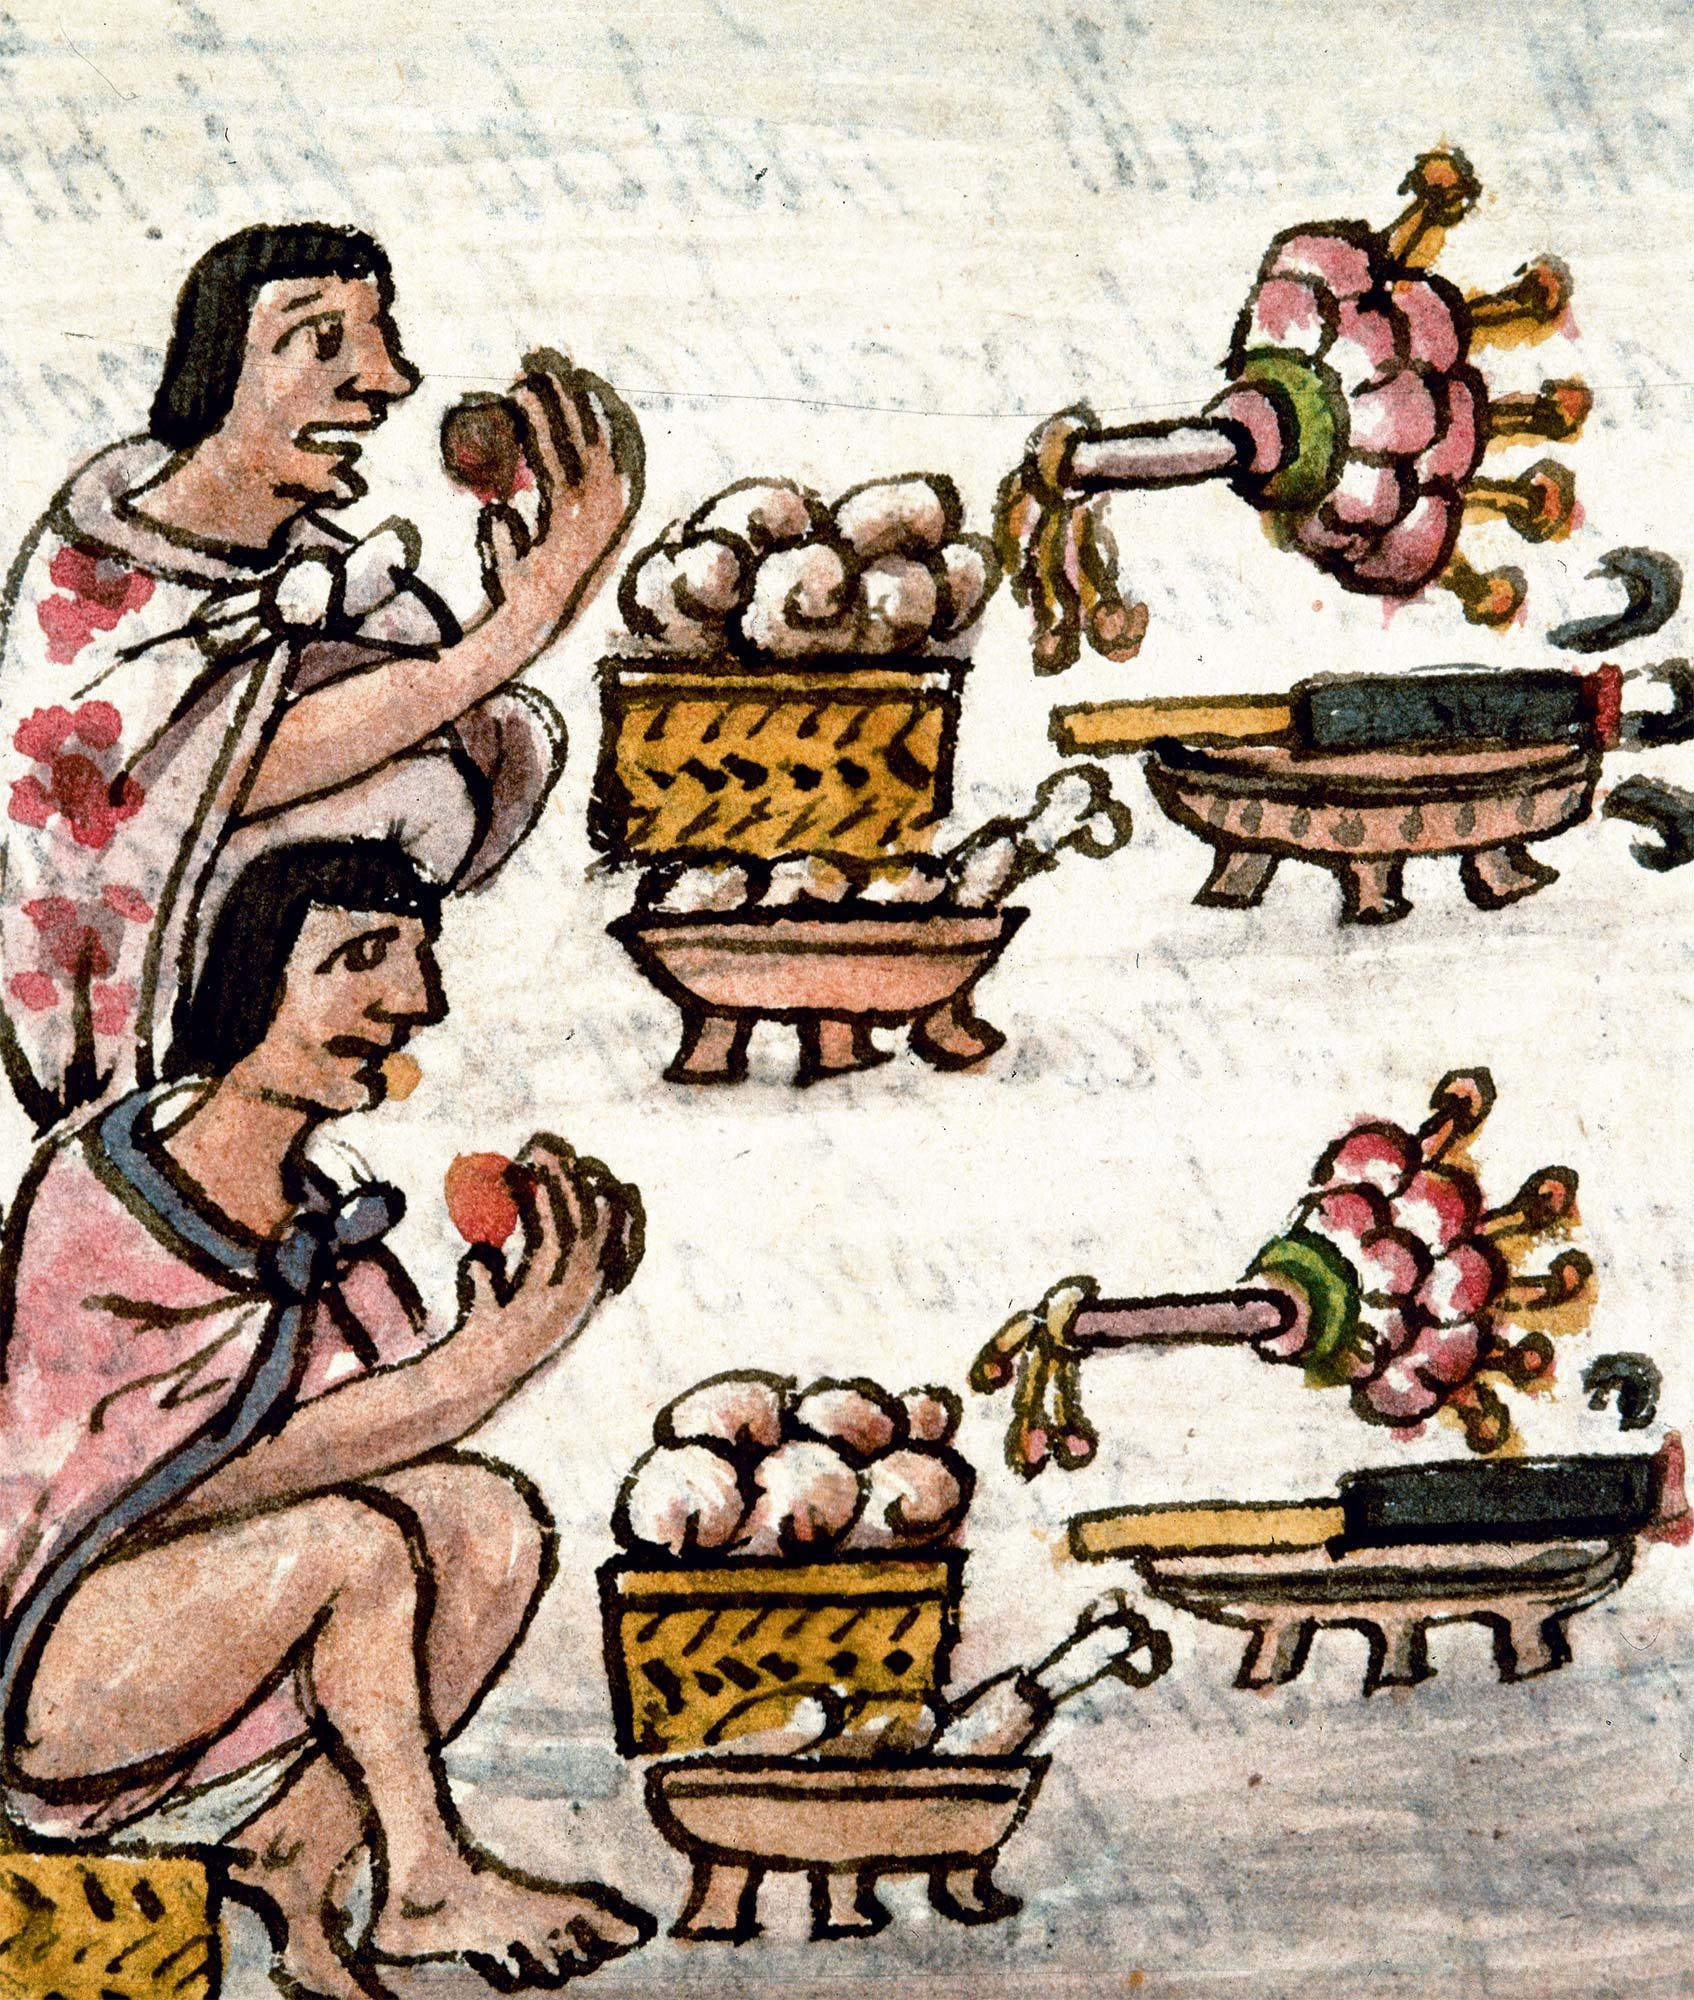 136 Aztecas 2. Una comida abundante y variada